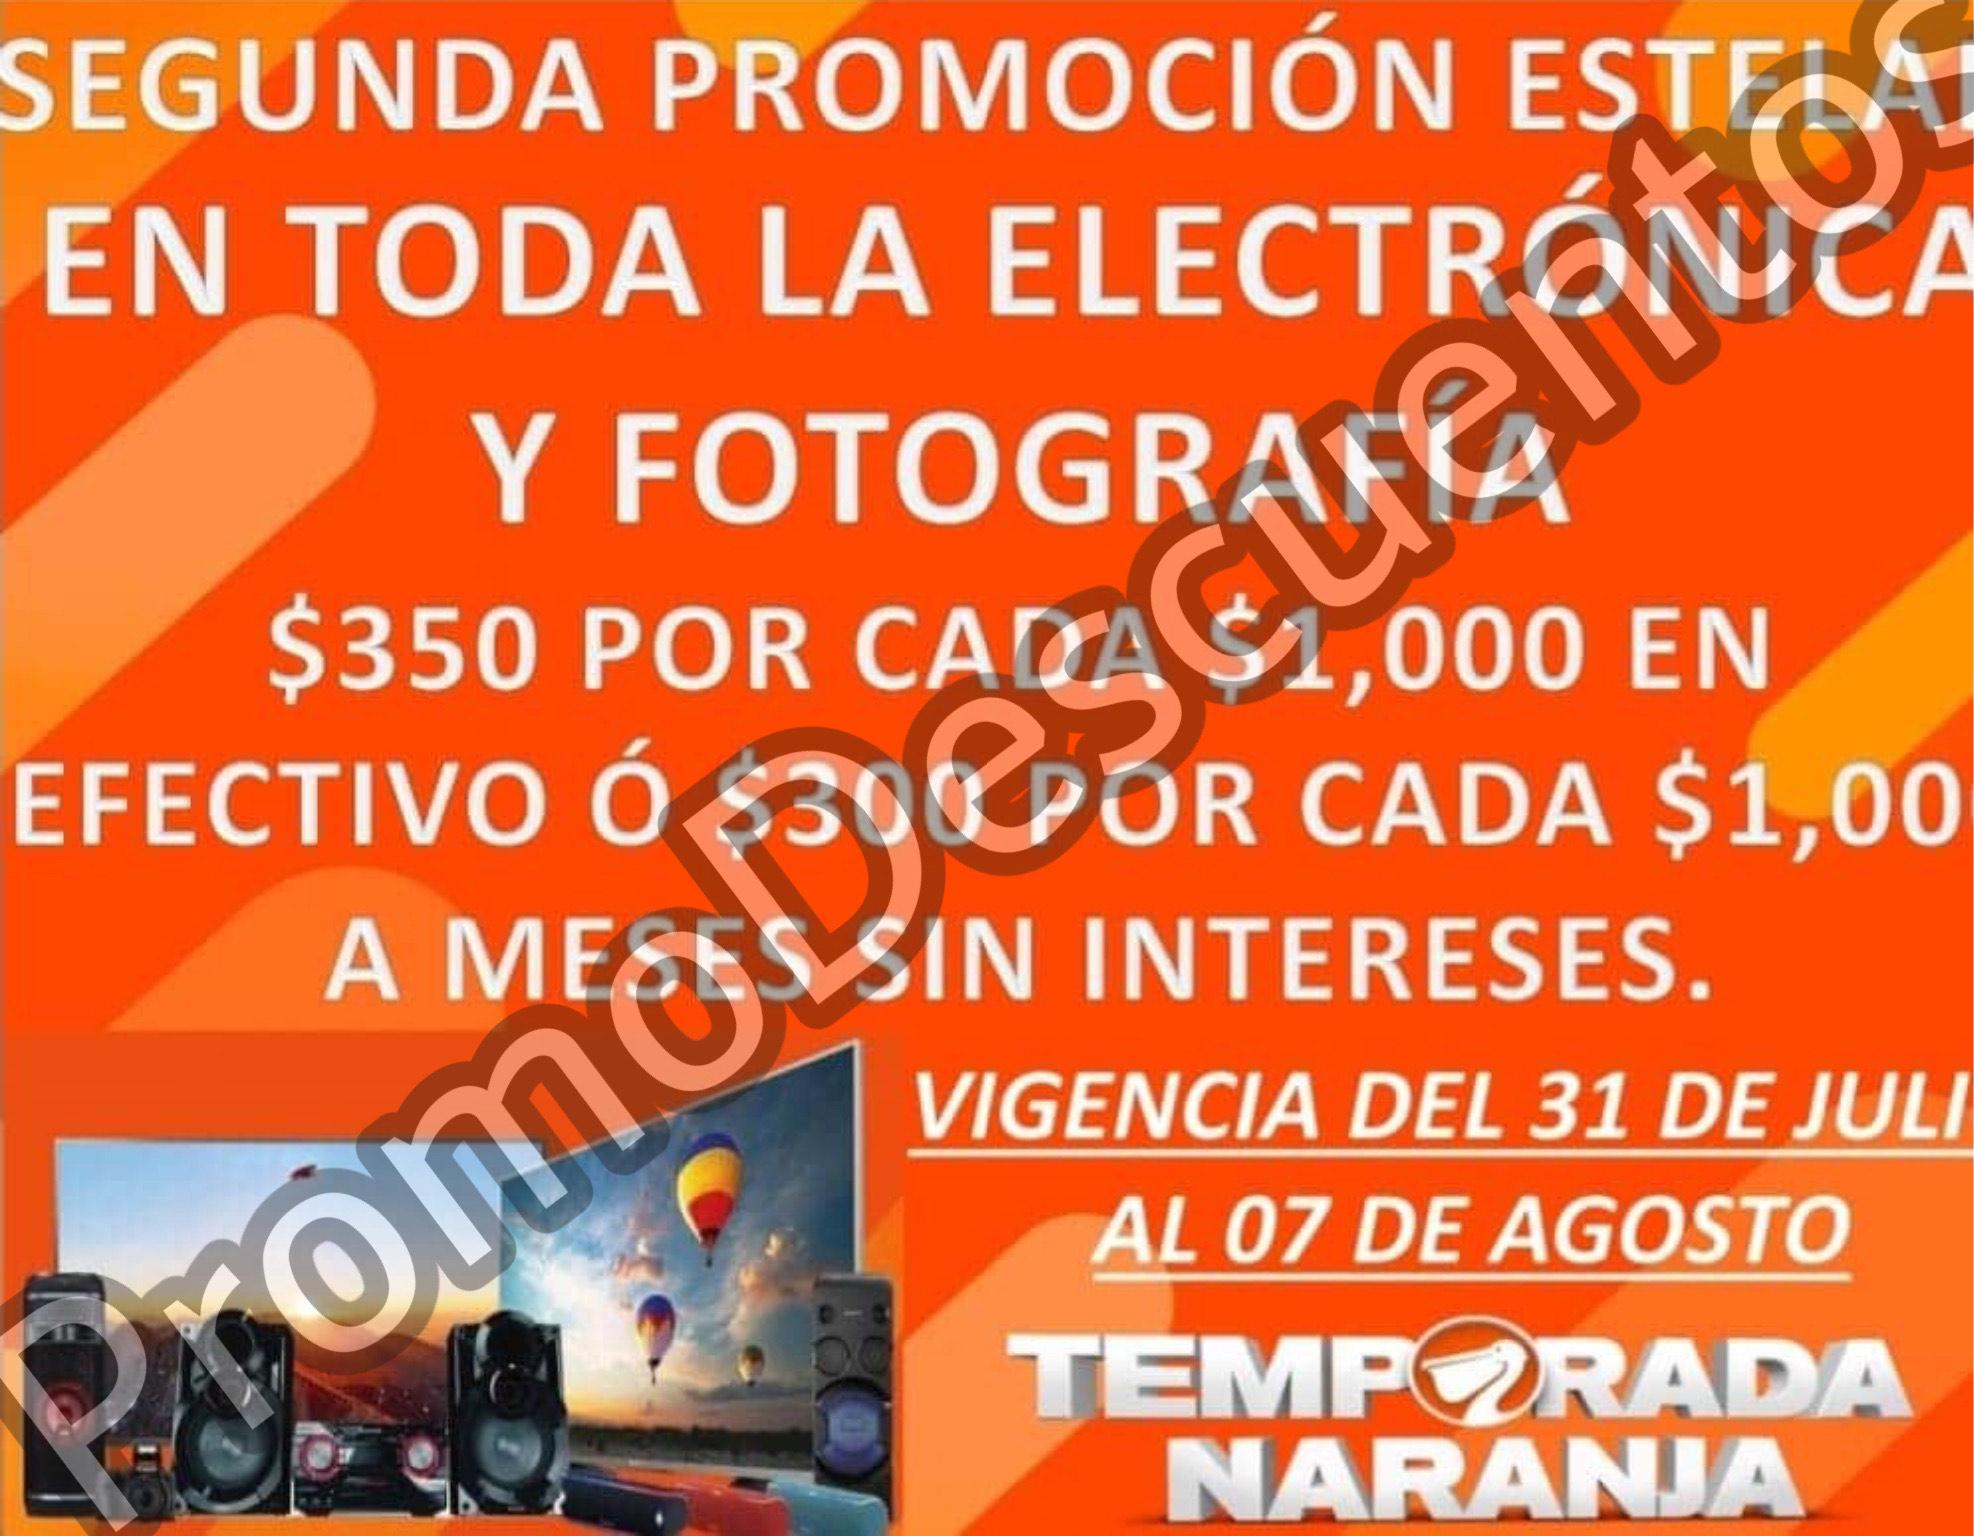 Temporada Naranja 2020 en La Comer: $350 (o $300 a MSI) por cada $1000 en TODA la Electrónica y Fotografía